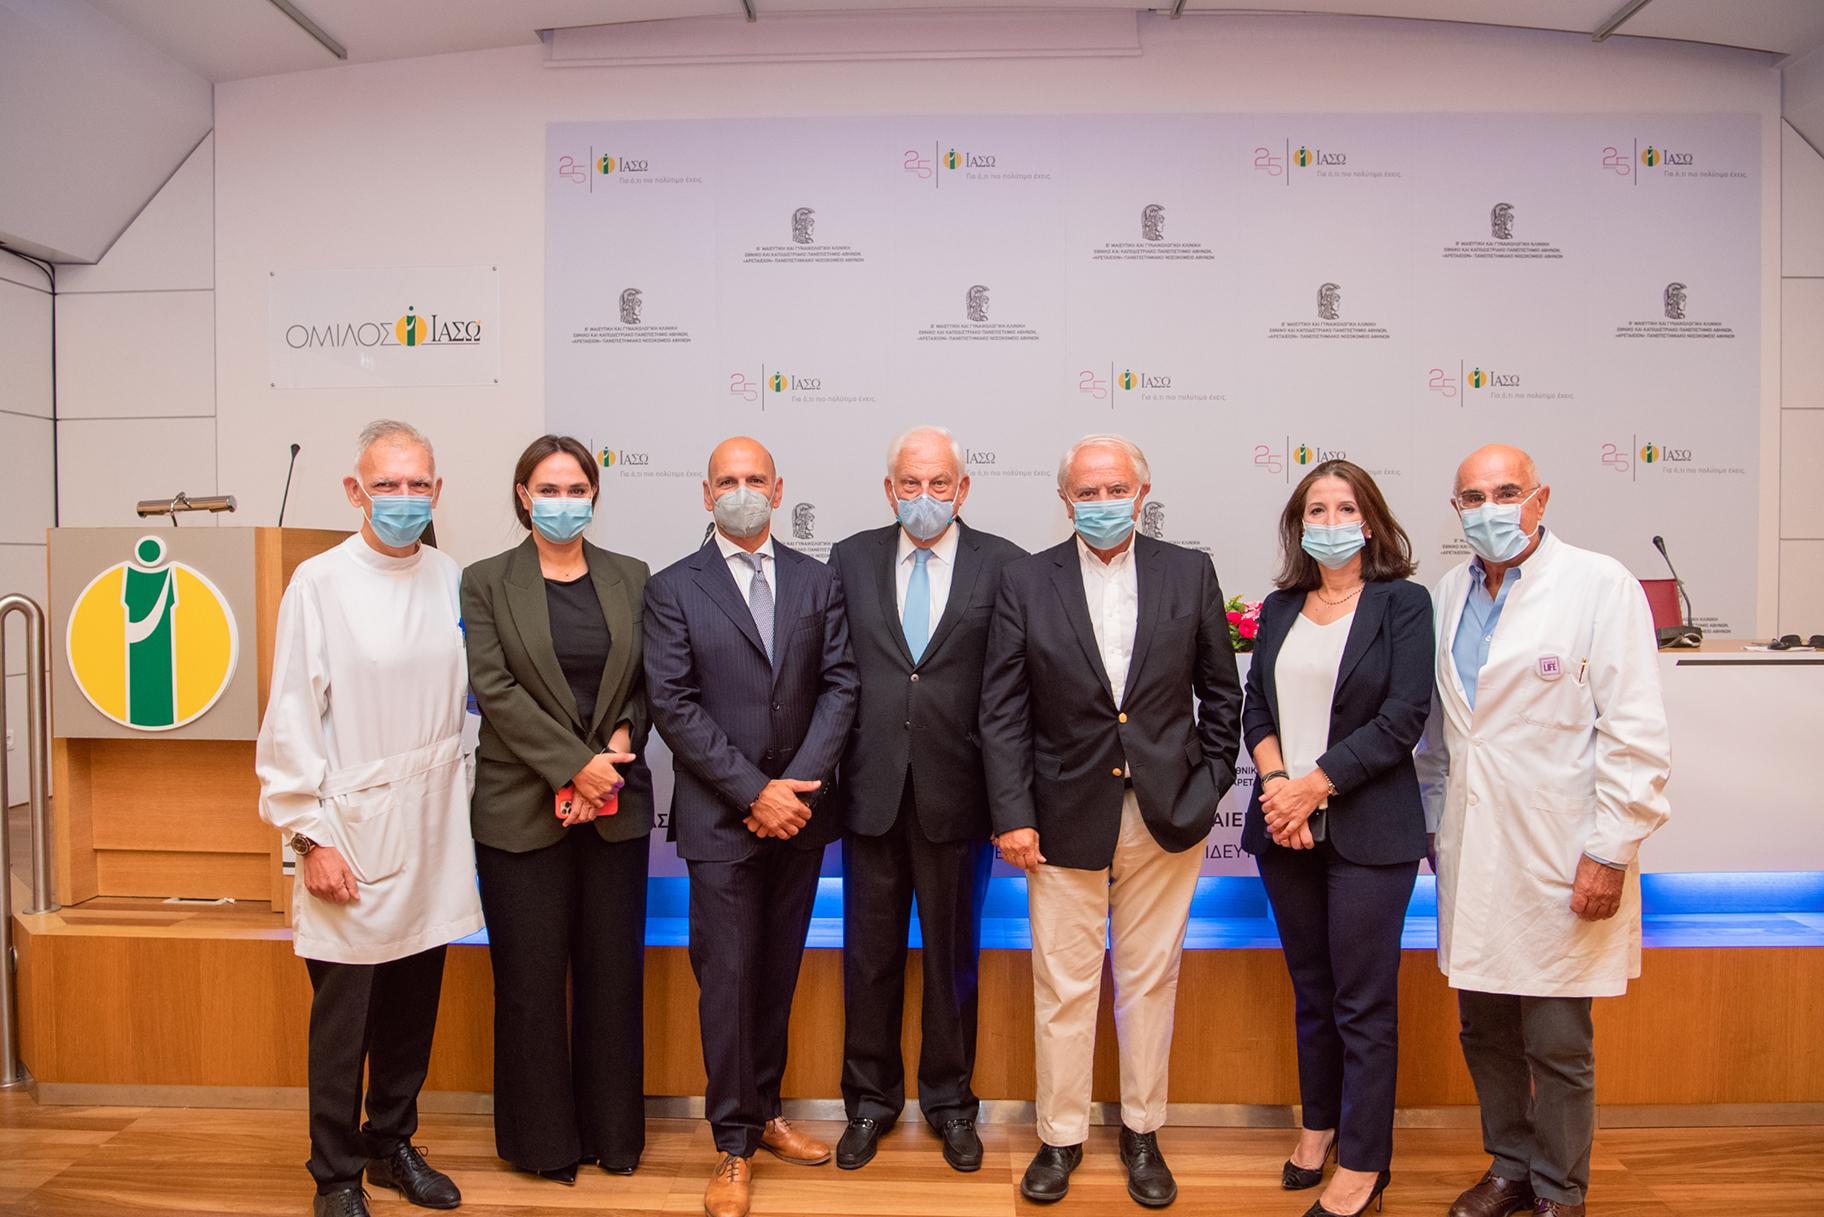 Συνεργασία ΙΑΣΩ-Αρεταίειου: Εκπαίδευση σε πραγματικά χειρουργεία με παράλληλη ζωντανή αναμετάδοση